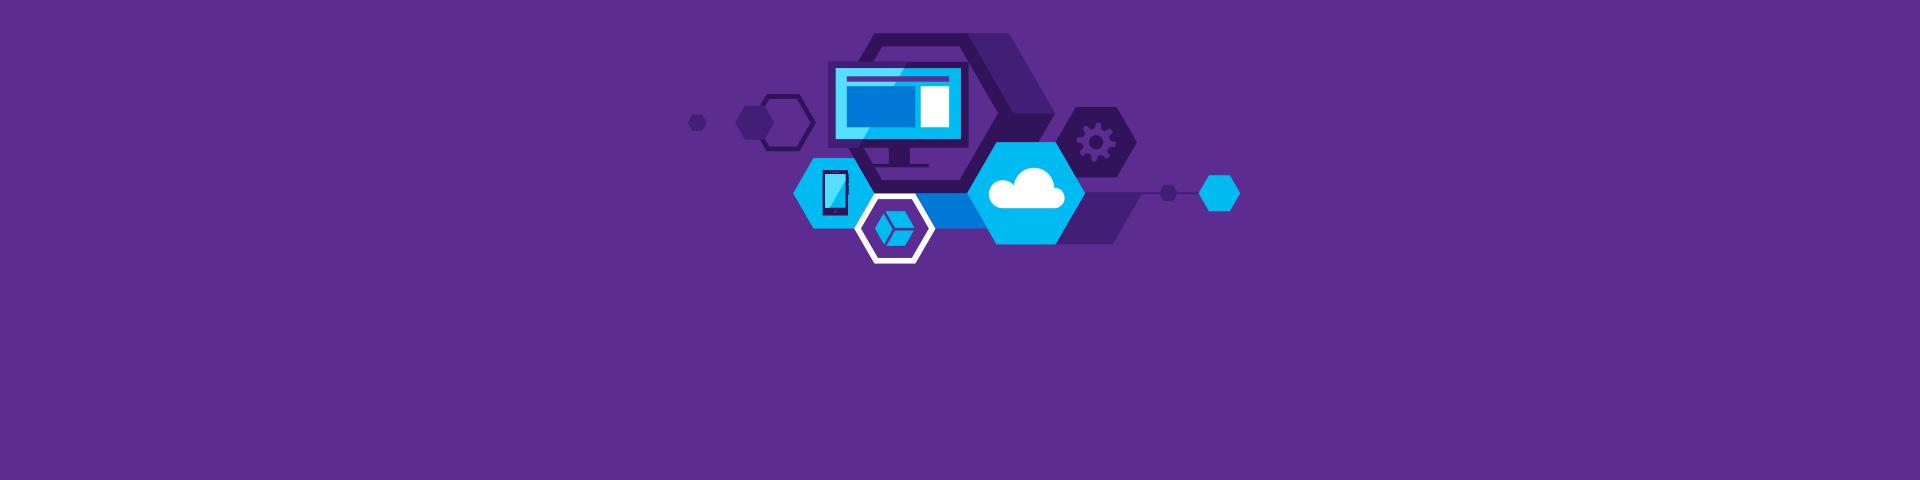 PC, telefon, sky og andre tekniske ikoner